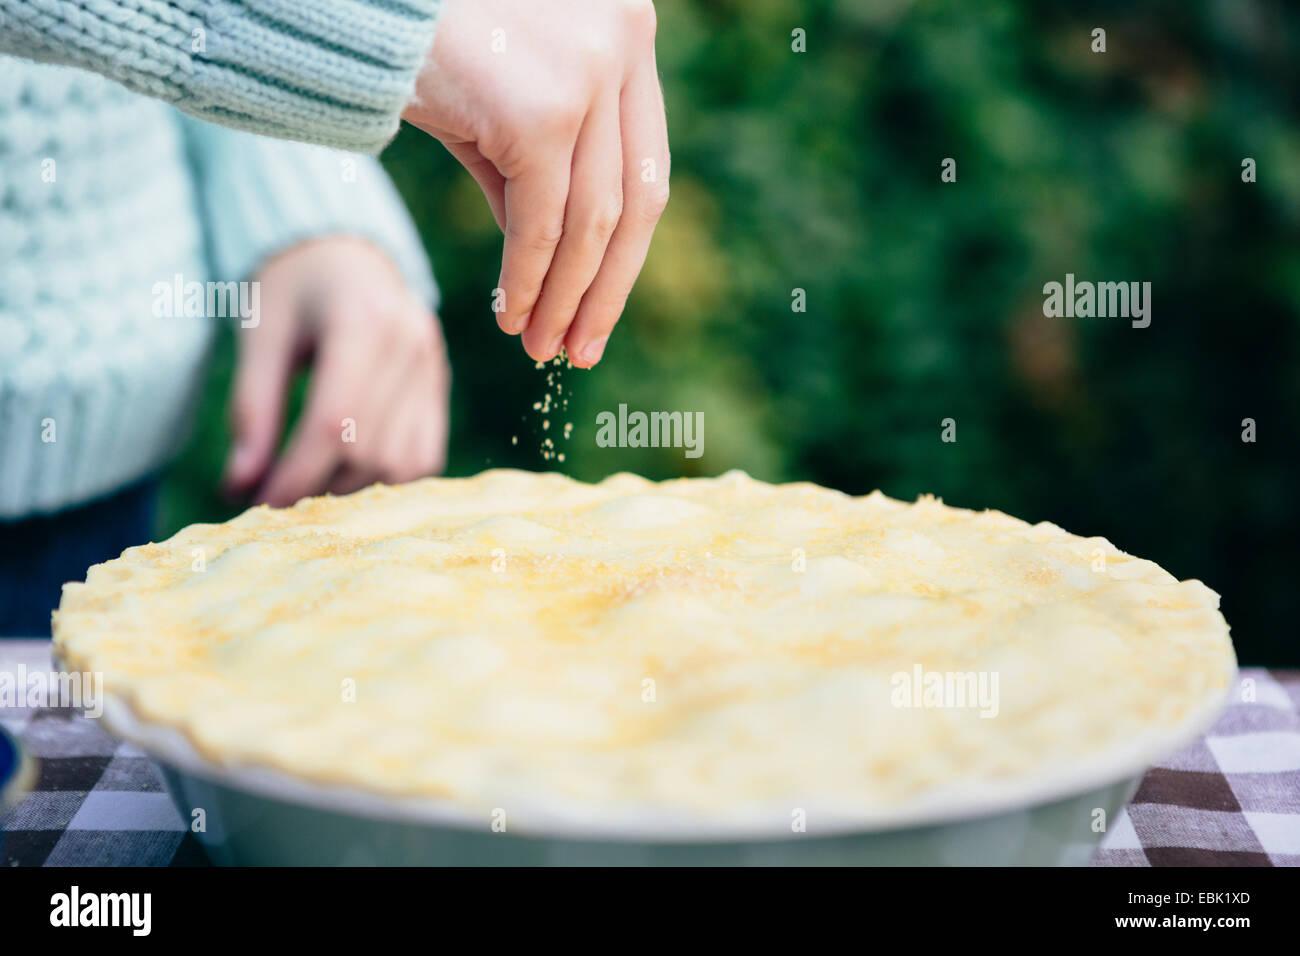 Ragazza spolverata di zucchero sulla torta fatta in casa Immagini Stock